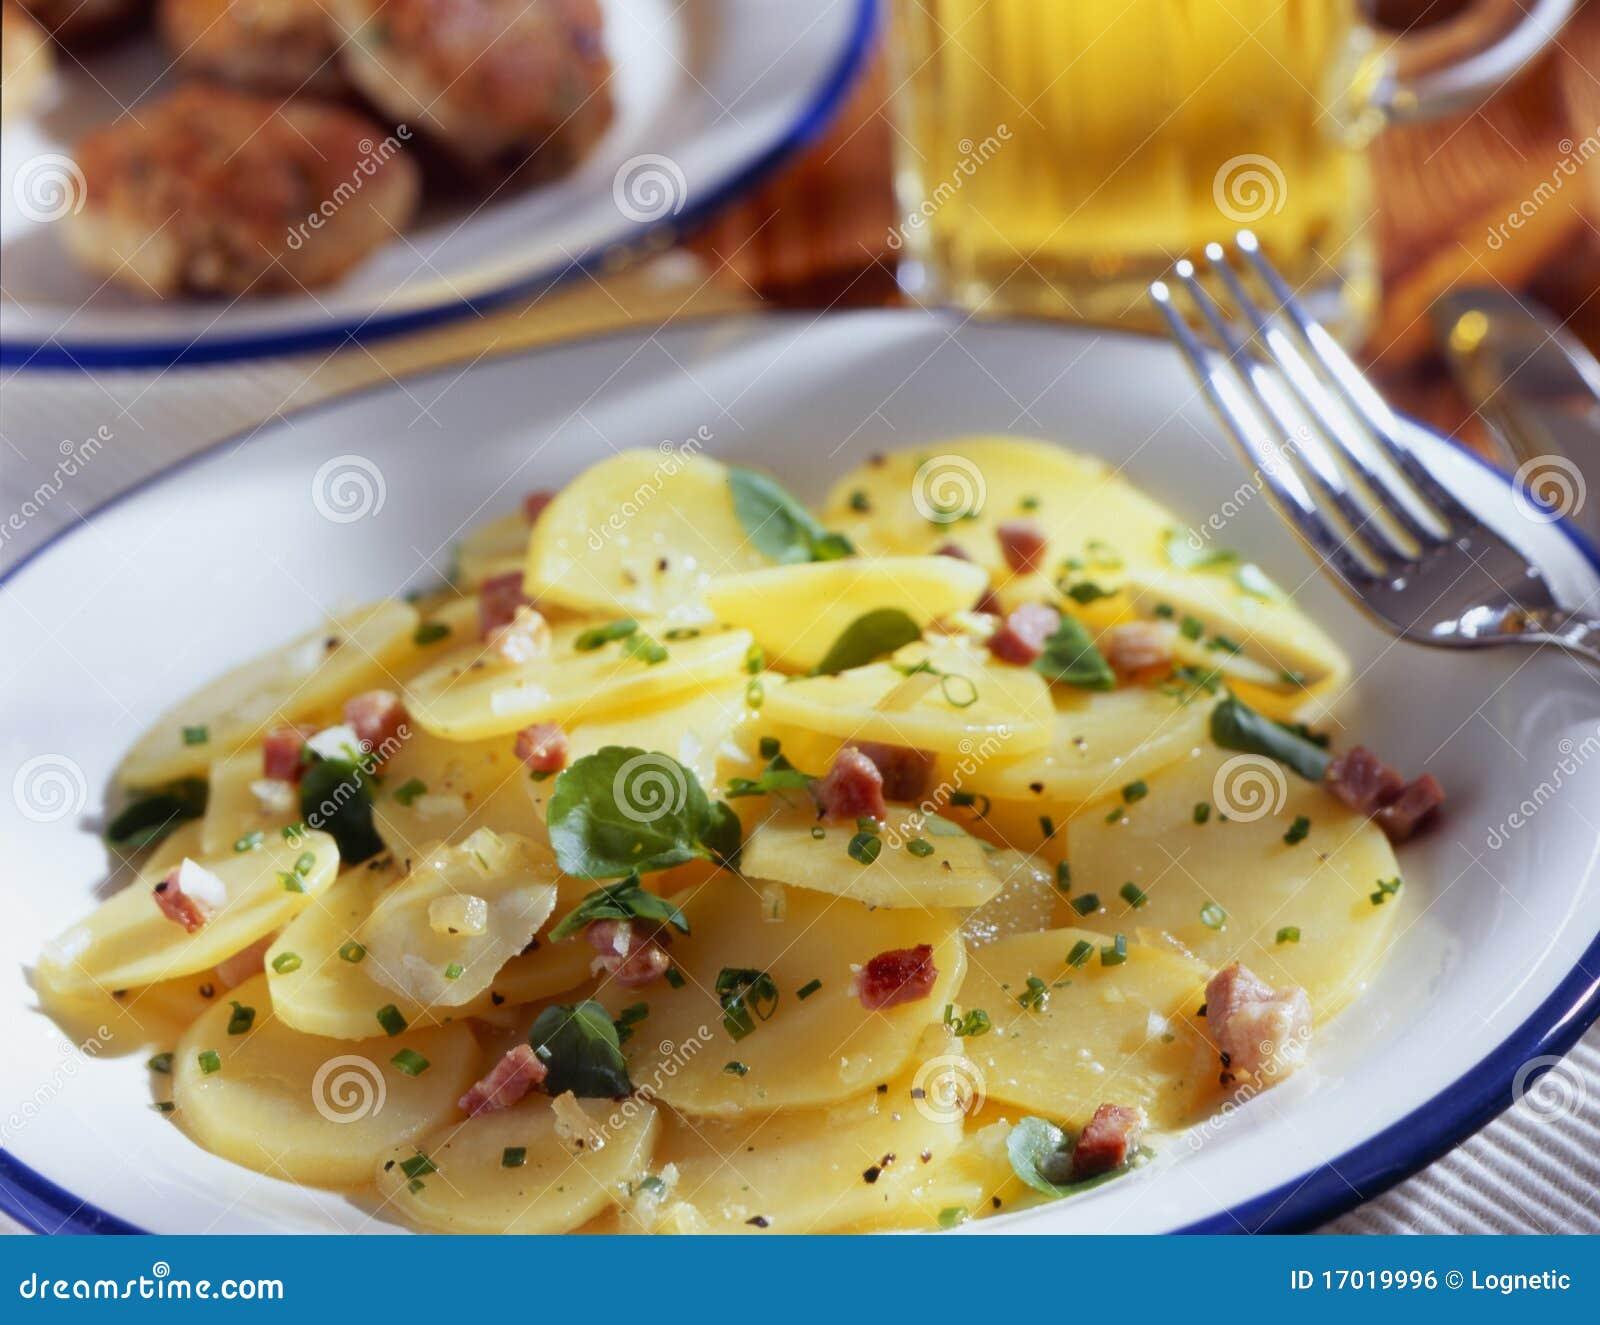 Bacon and potato